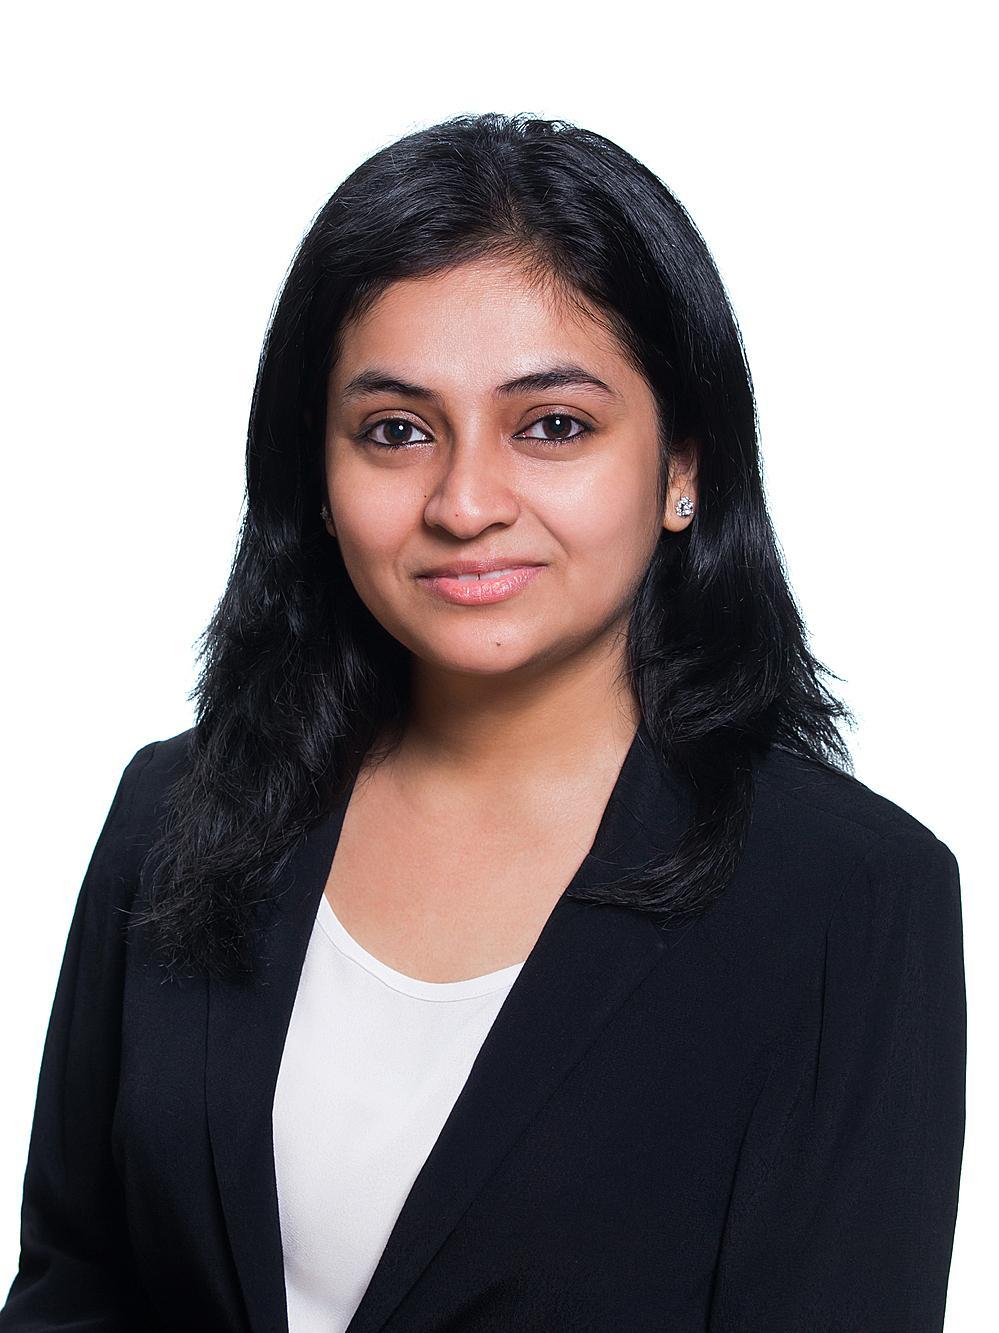 Bà Sagarika Chandra - Trưởng bộ phận phân tích về Việt Nam của Fitch Ratings. Ảnh: Fitch.